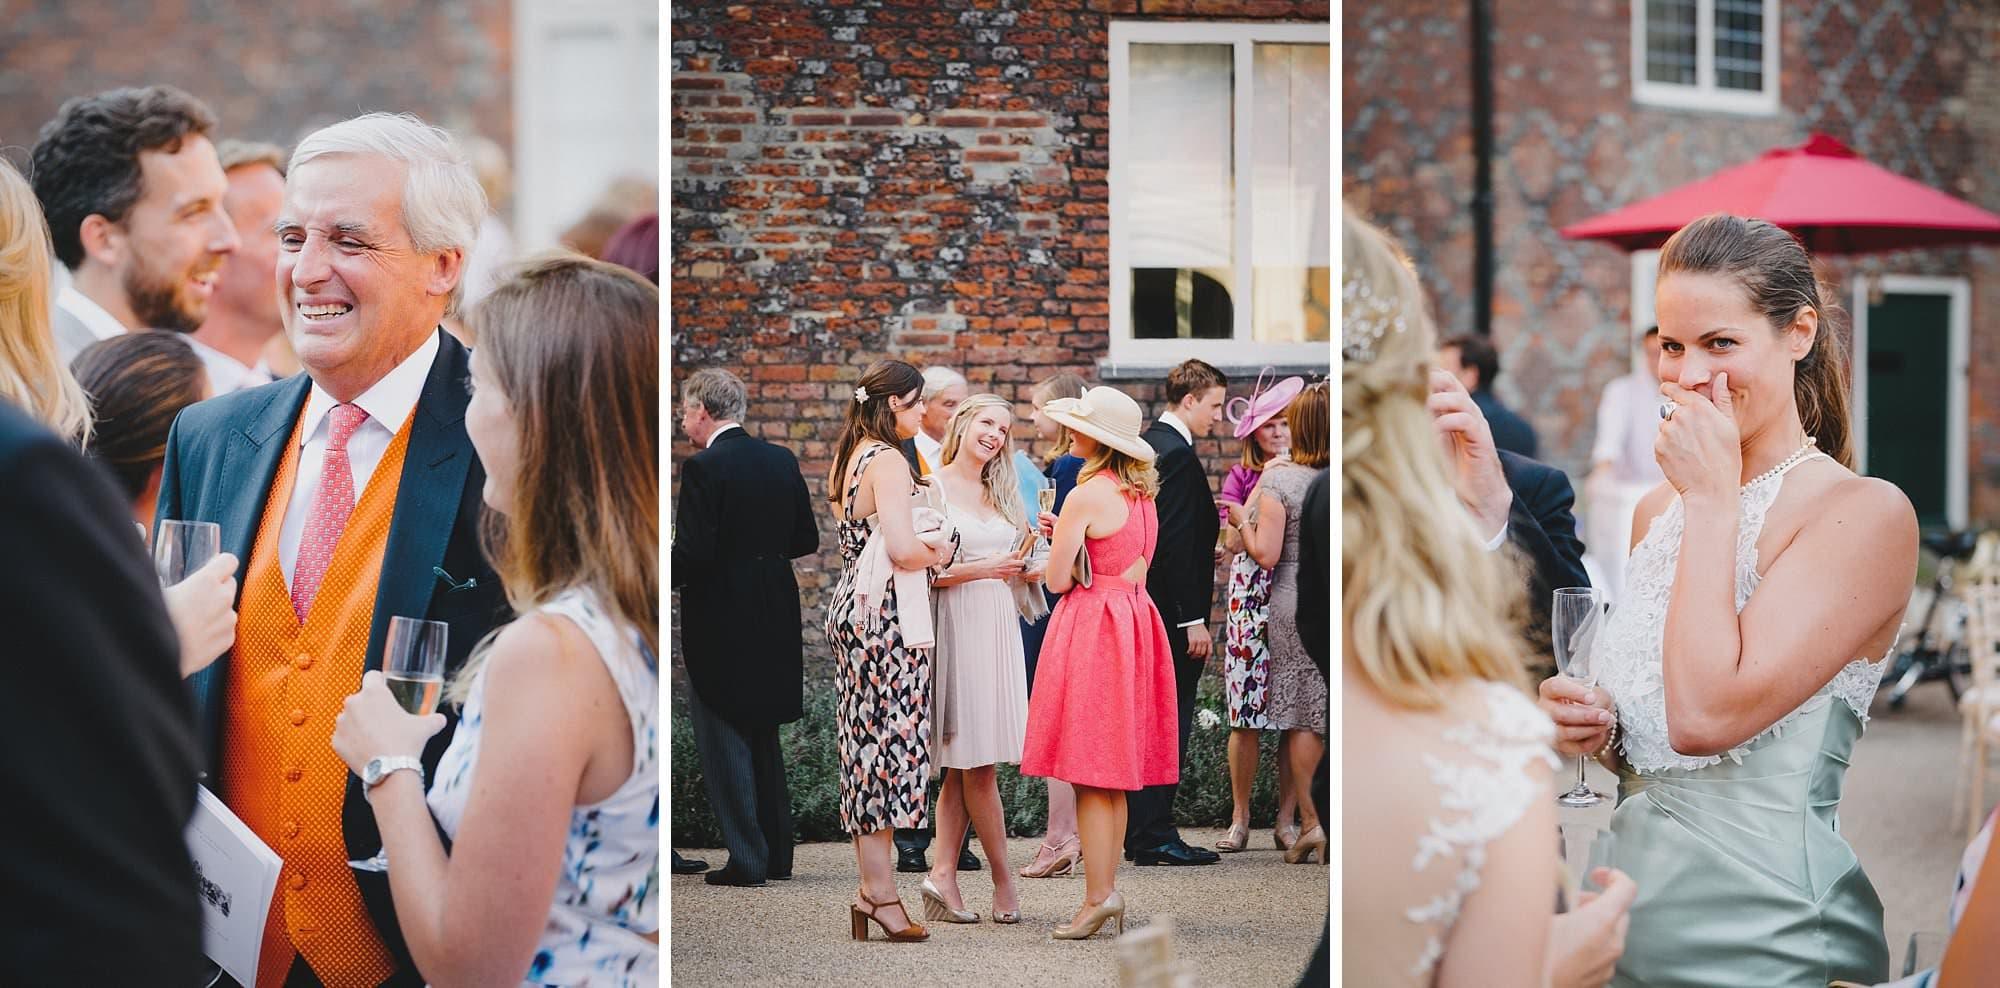 fulham palace wedding photographer 058 - Rosanna & Duncan's Fulham Palace Wedding